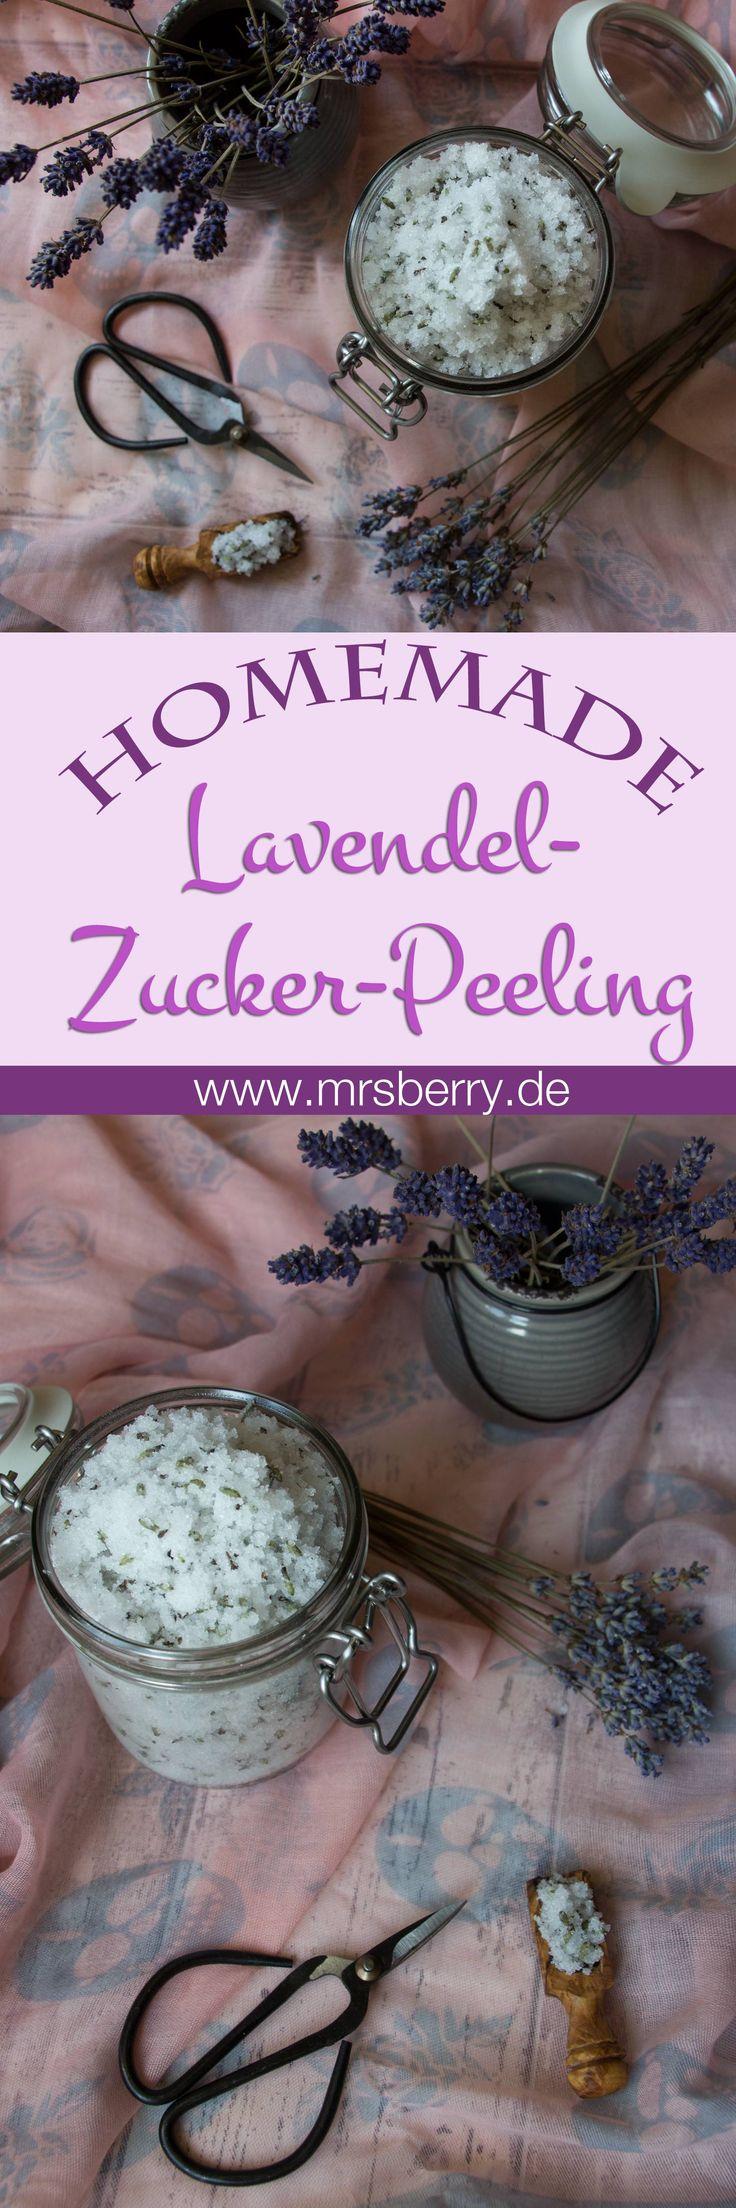 Peeling selbermachen: Lavender-Zucker-Peeling. Aus nur 4 Zutaten entsteht dieses wohlriechende und entspannende Gesichtspeeling und Körperpeeling. Weitere Peeling Ideen & Rezepte: http://mrsberry.de/tag/peeling/